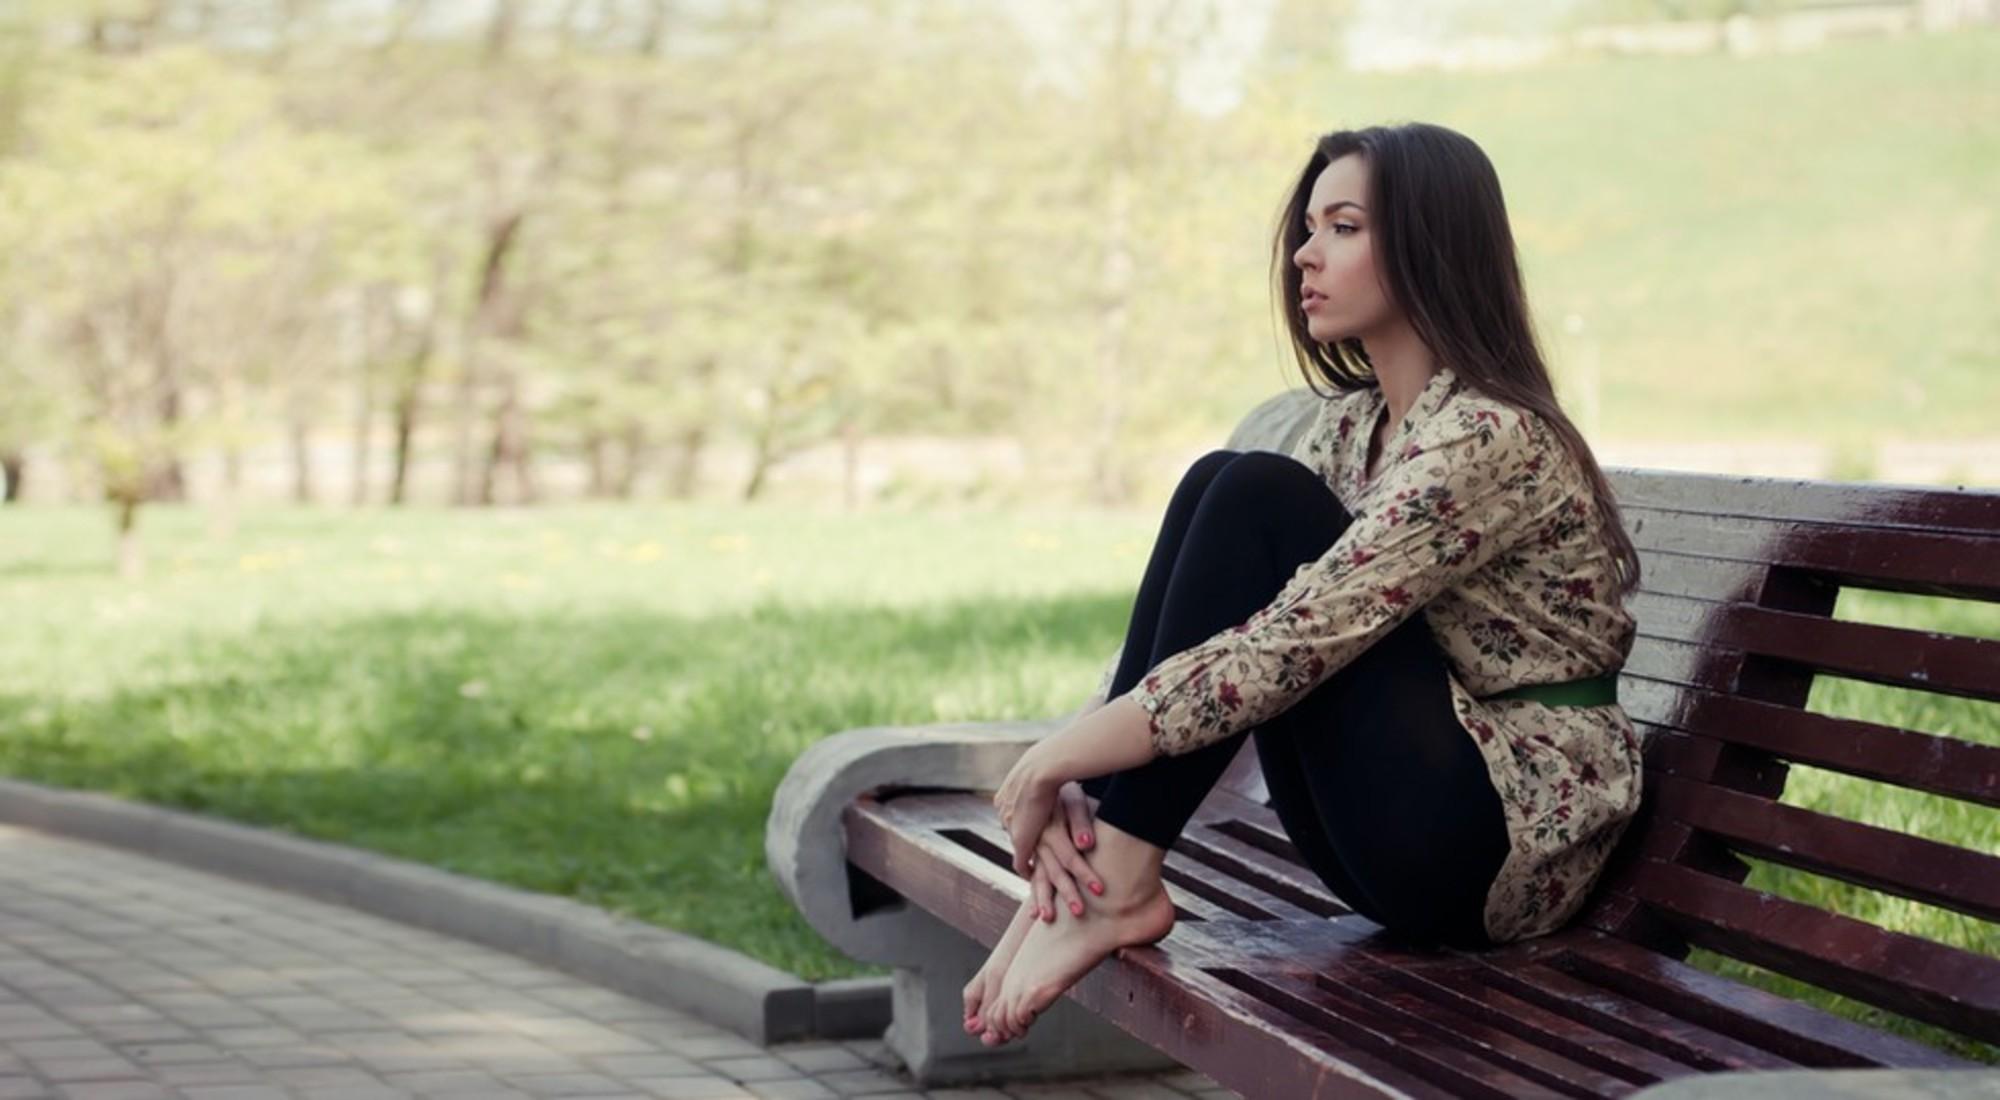 избавиться от одиночества